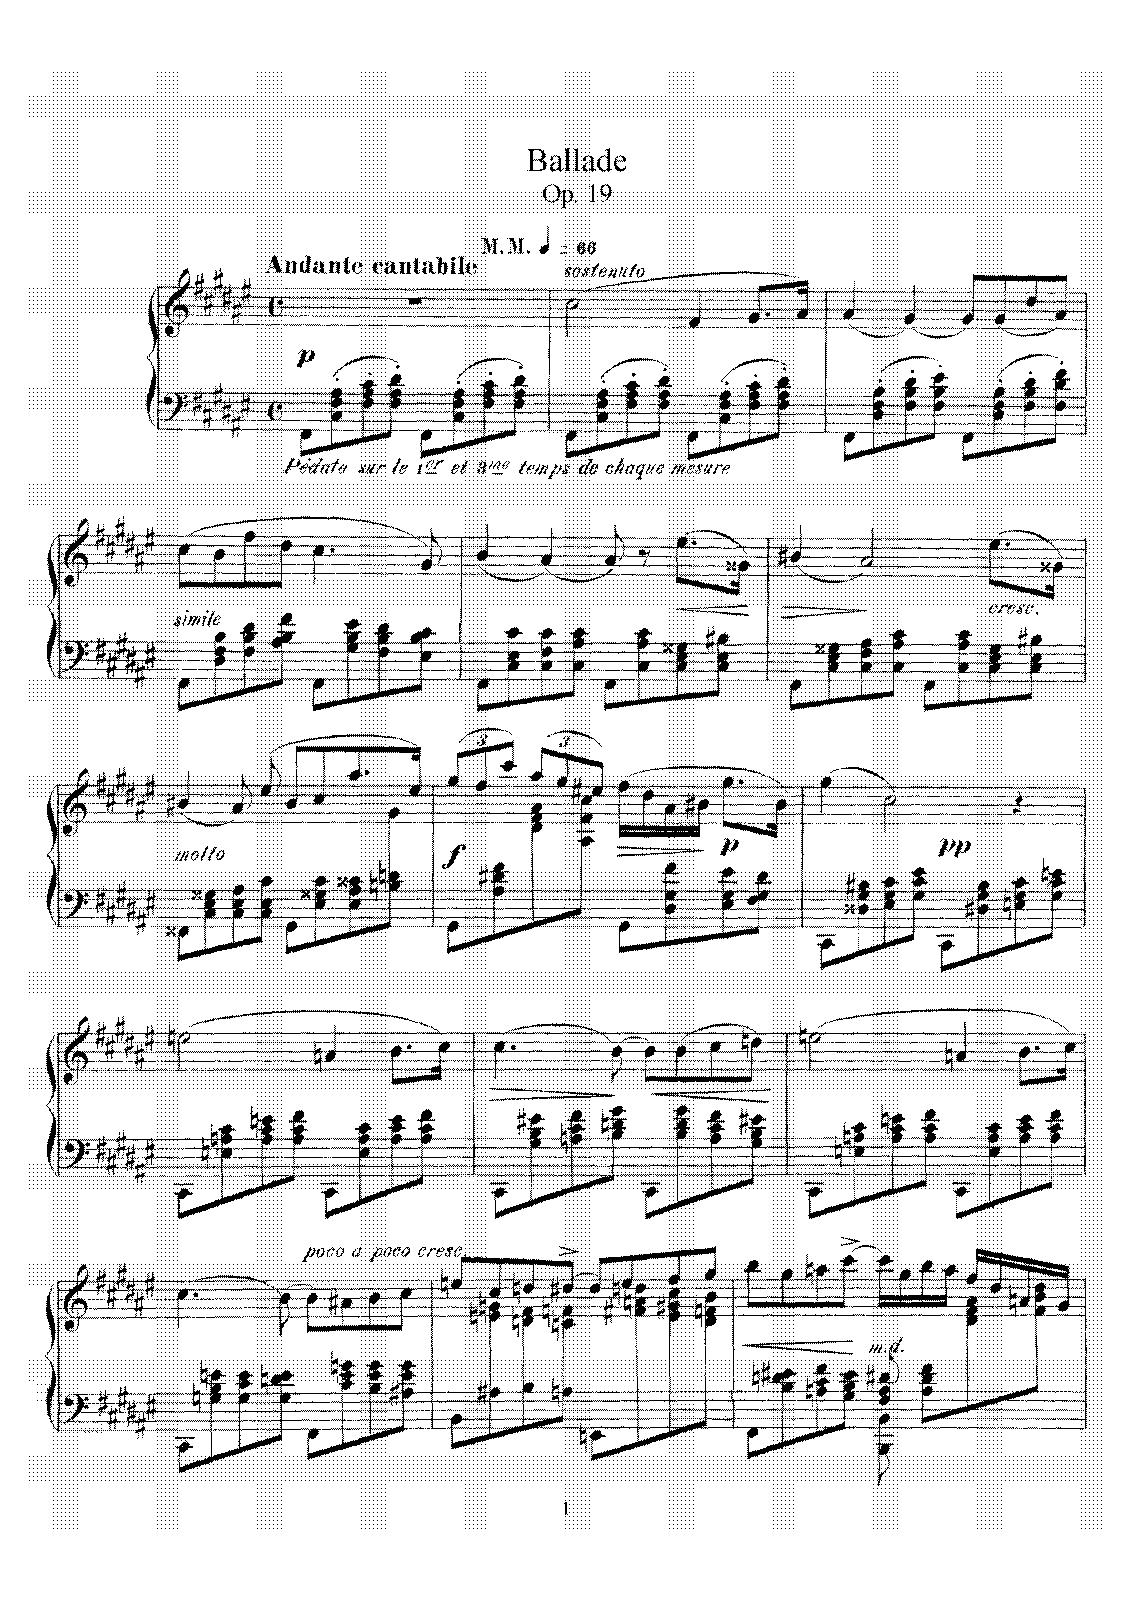 Fauré, op. 19